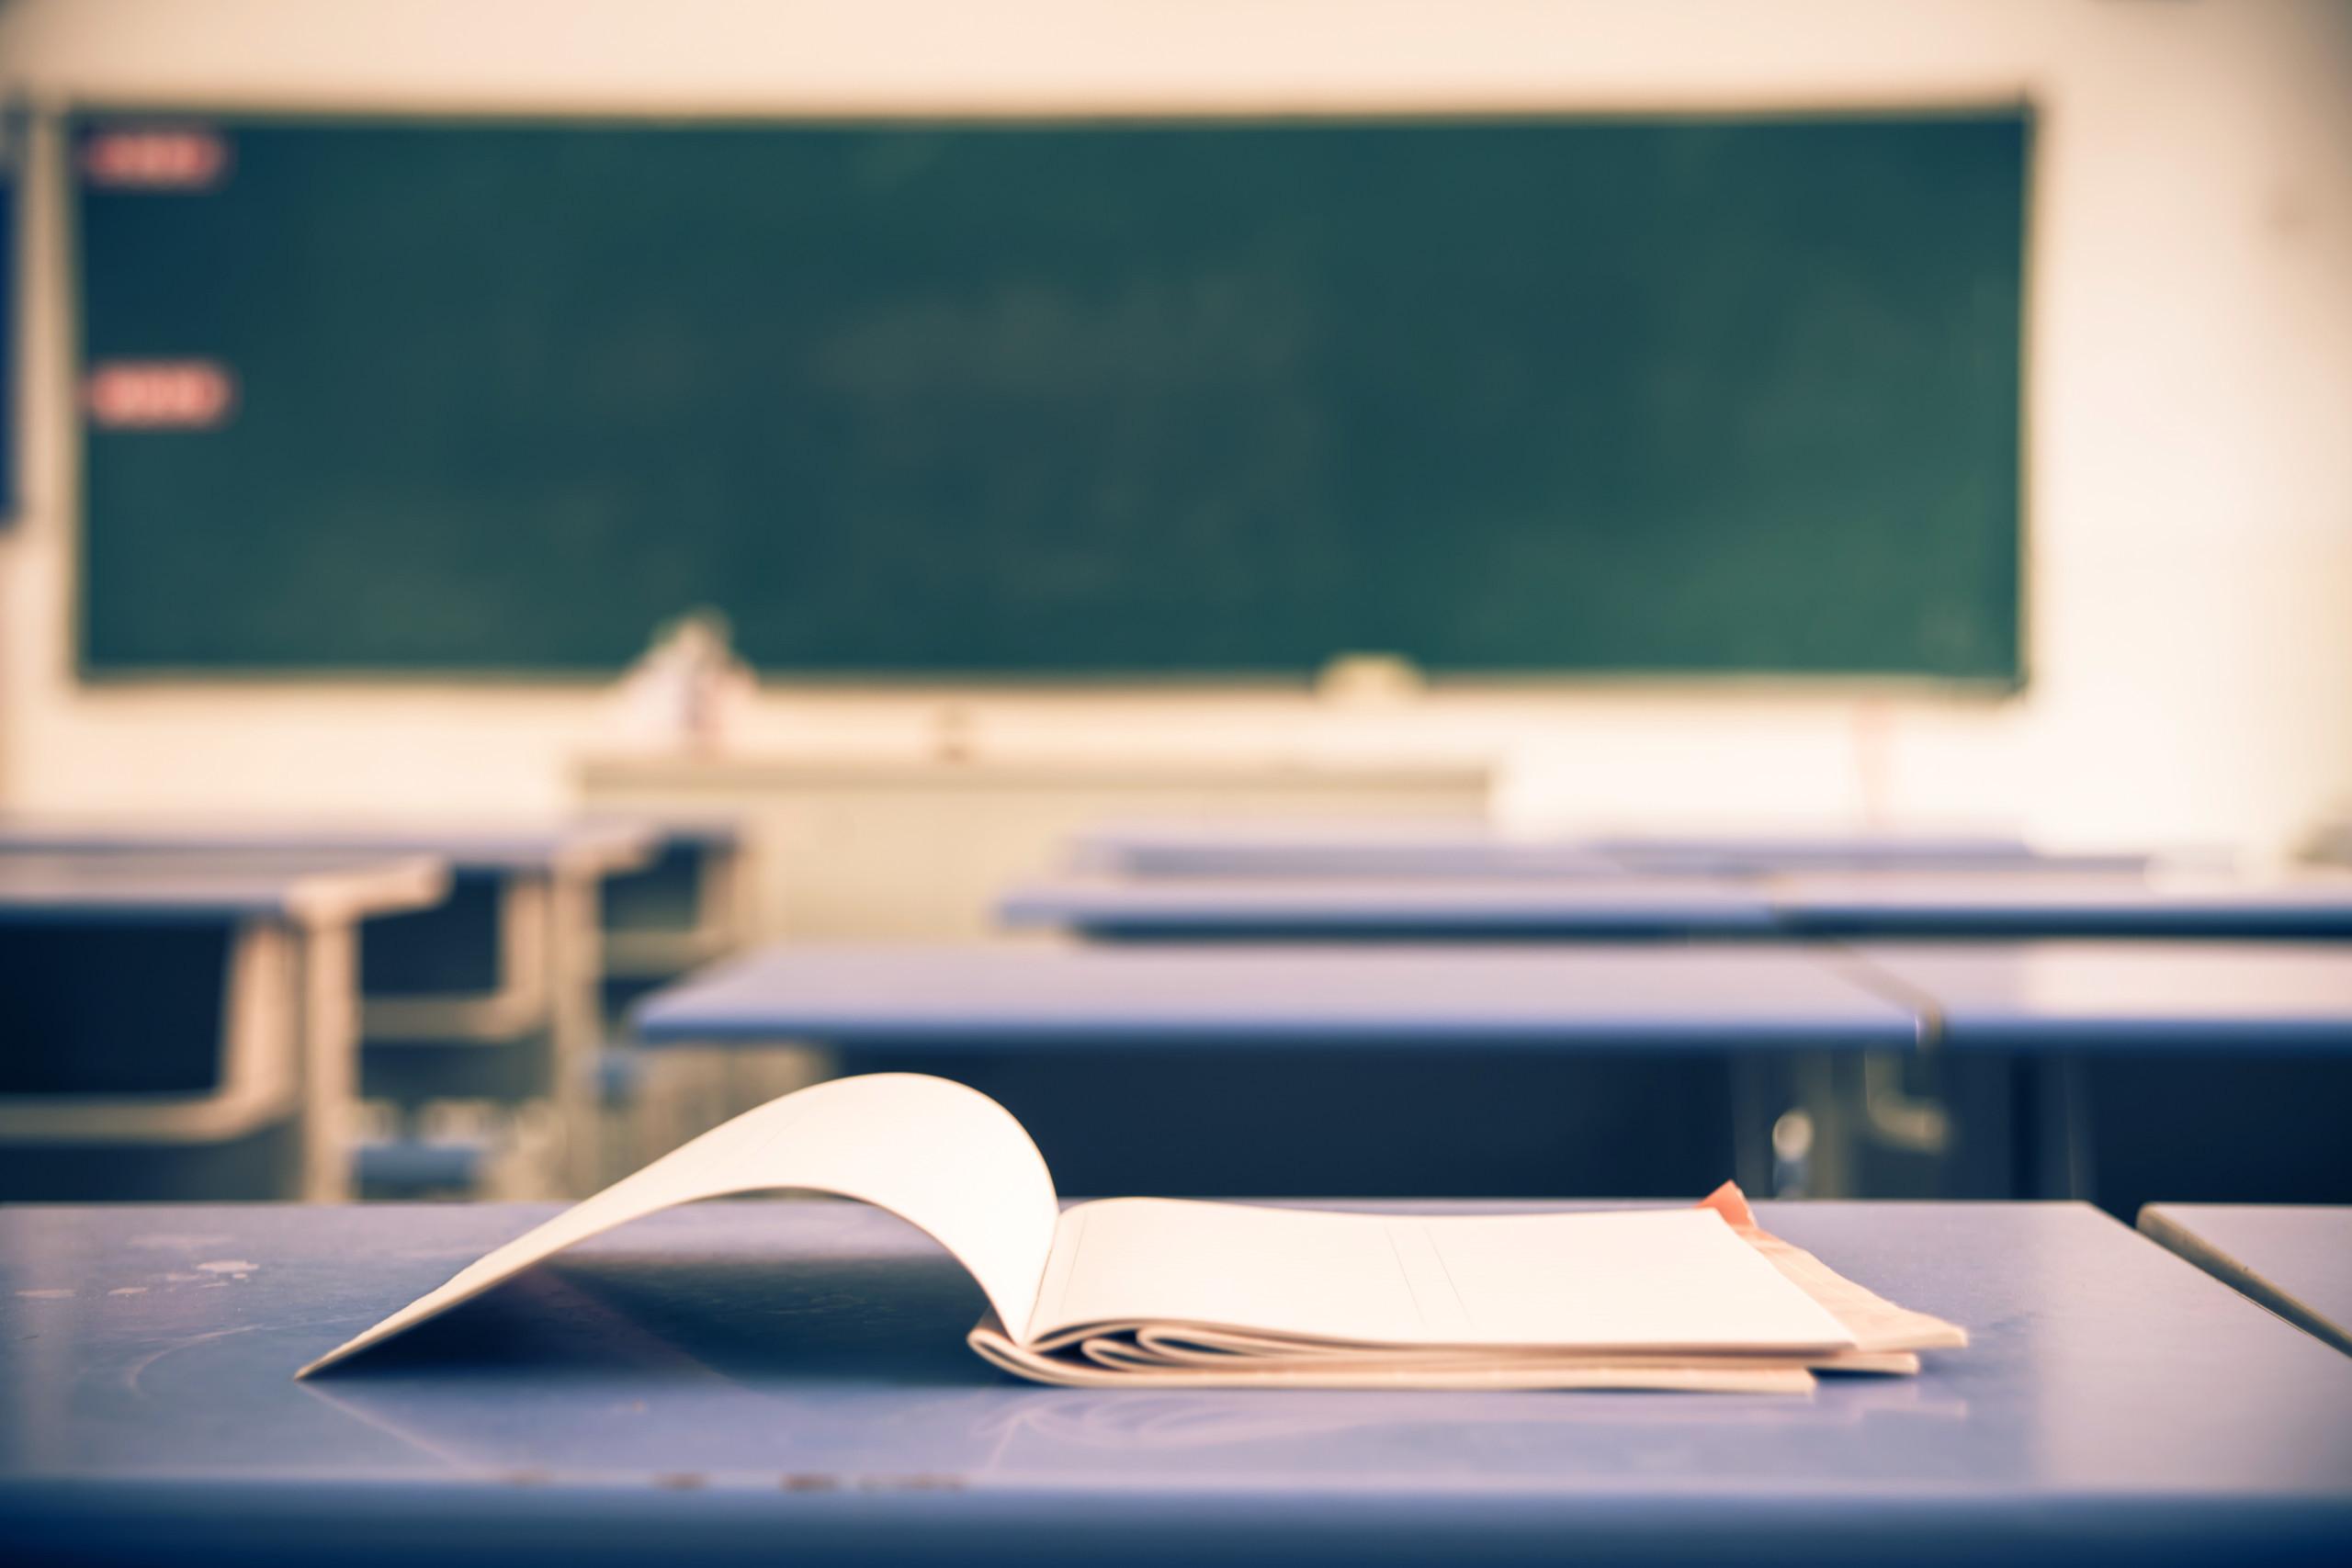 教育部五部门:要求配齐中小学思政课教师 建立思政教师退出制度